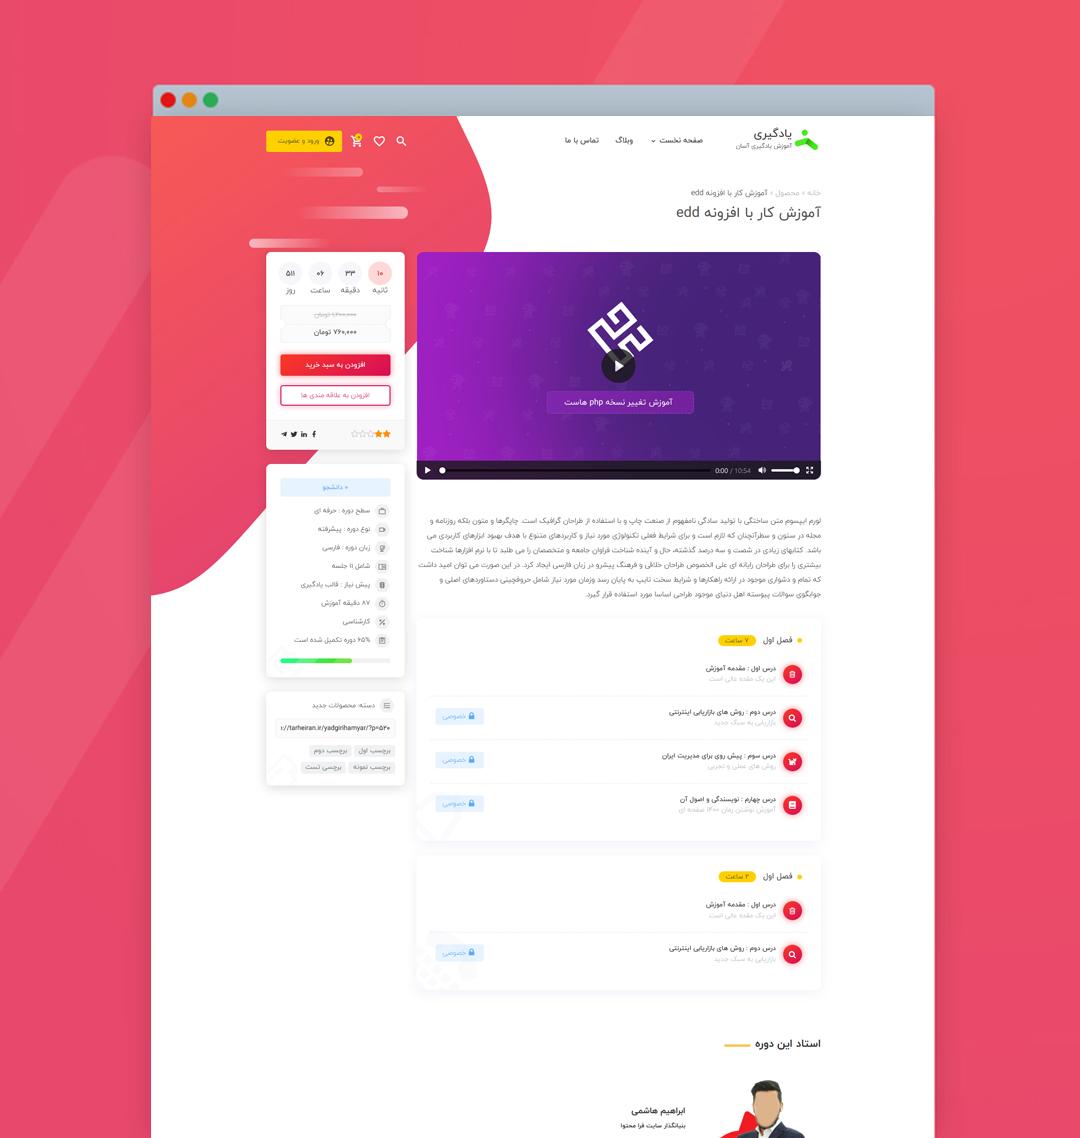 صفحه محصول قالب فروش دوره آموزشی یادگیری